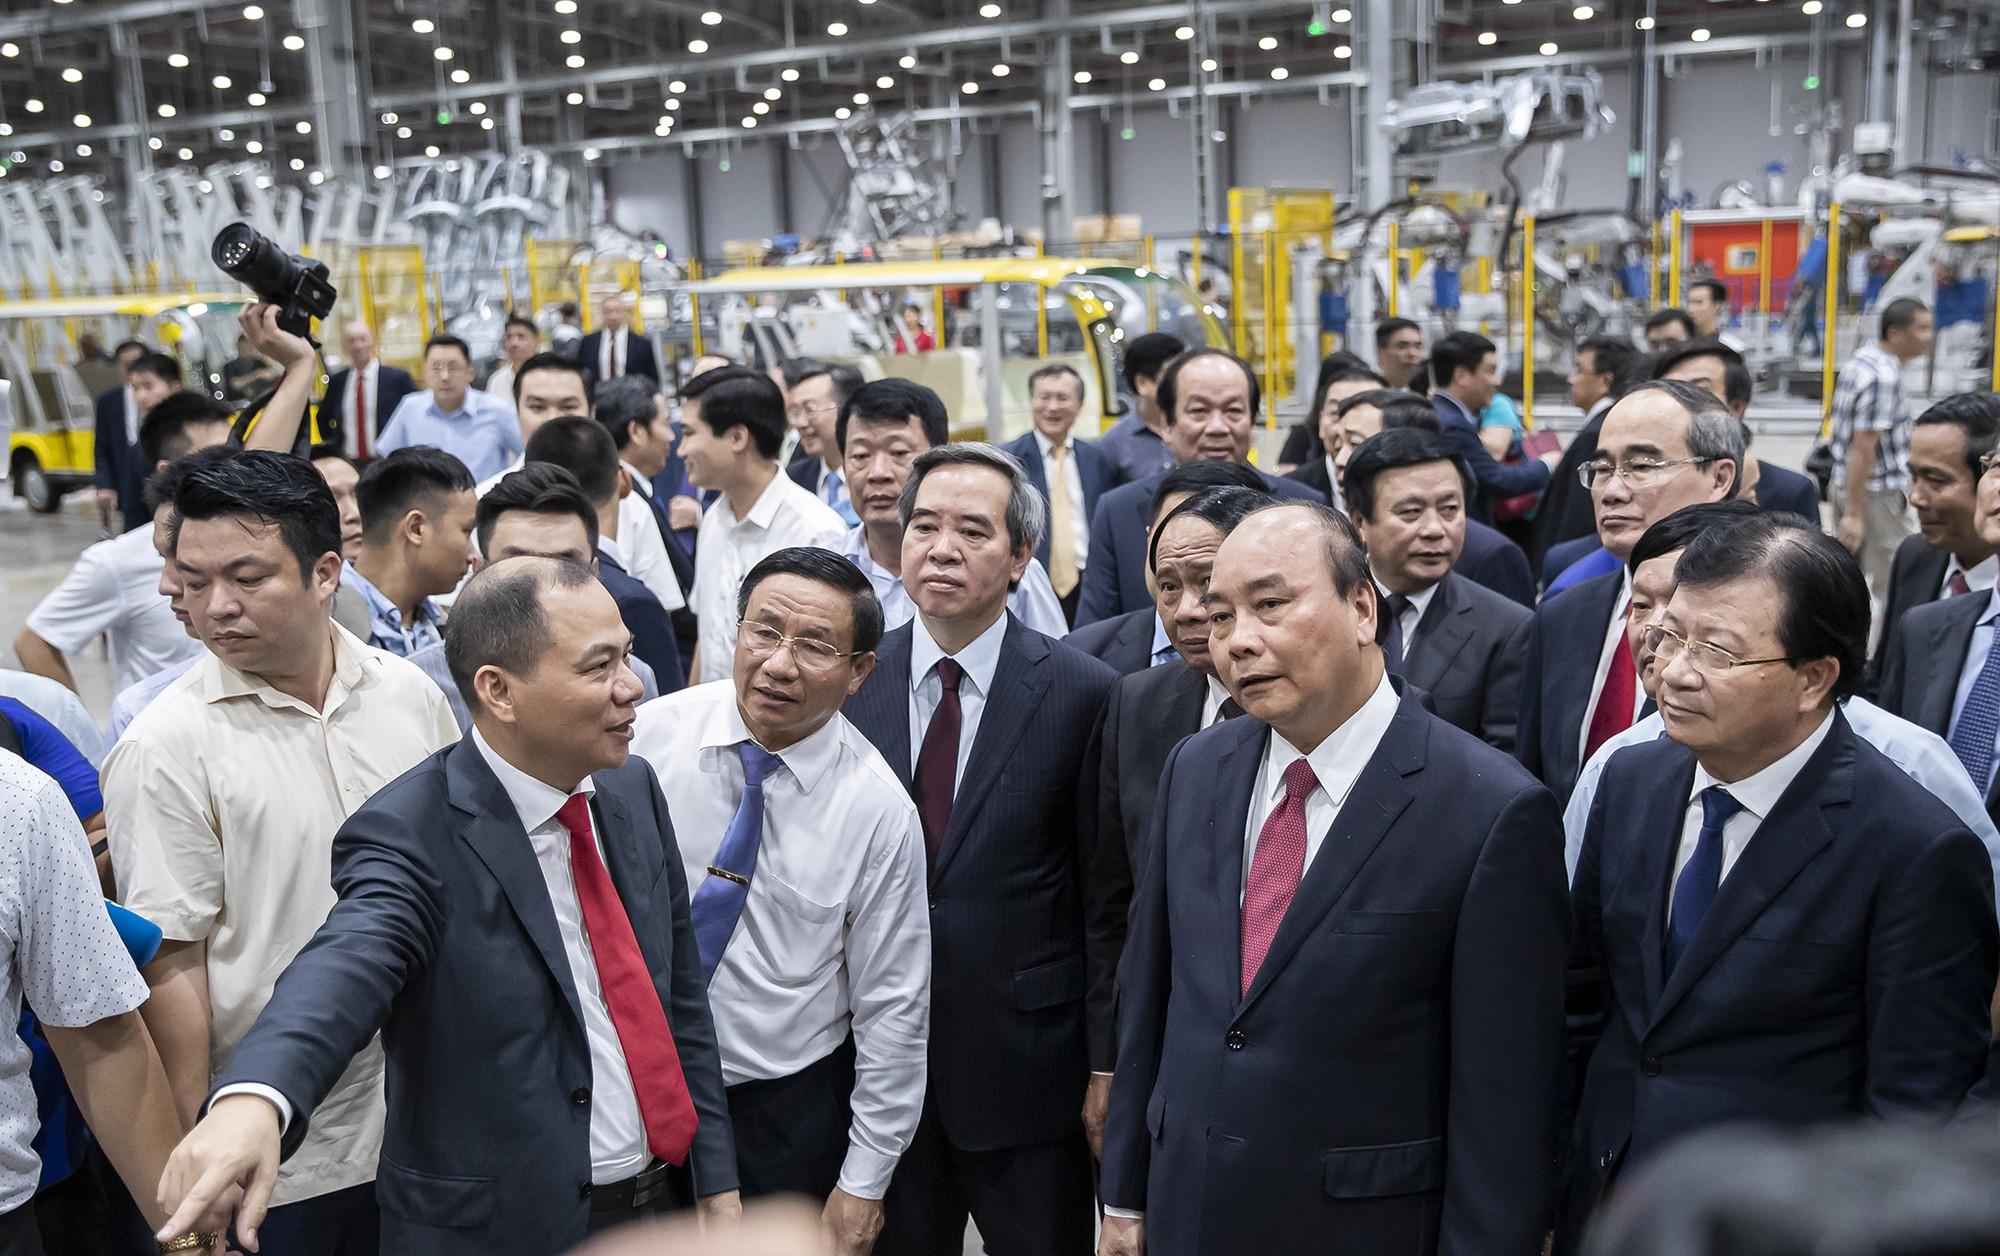 Clip kỳ tích 21 tháng của VinFast: Biến một vùng đầm lầy thành nhà máy sản xuất ô tô hàng đầu Đông Nam Á - Ảnh 5.